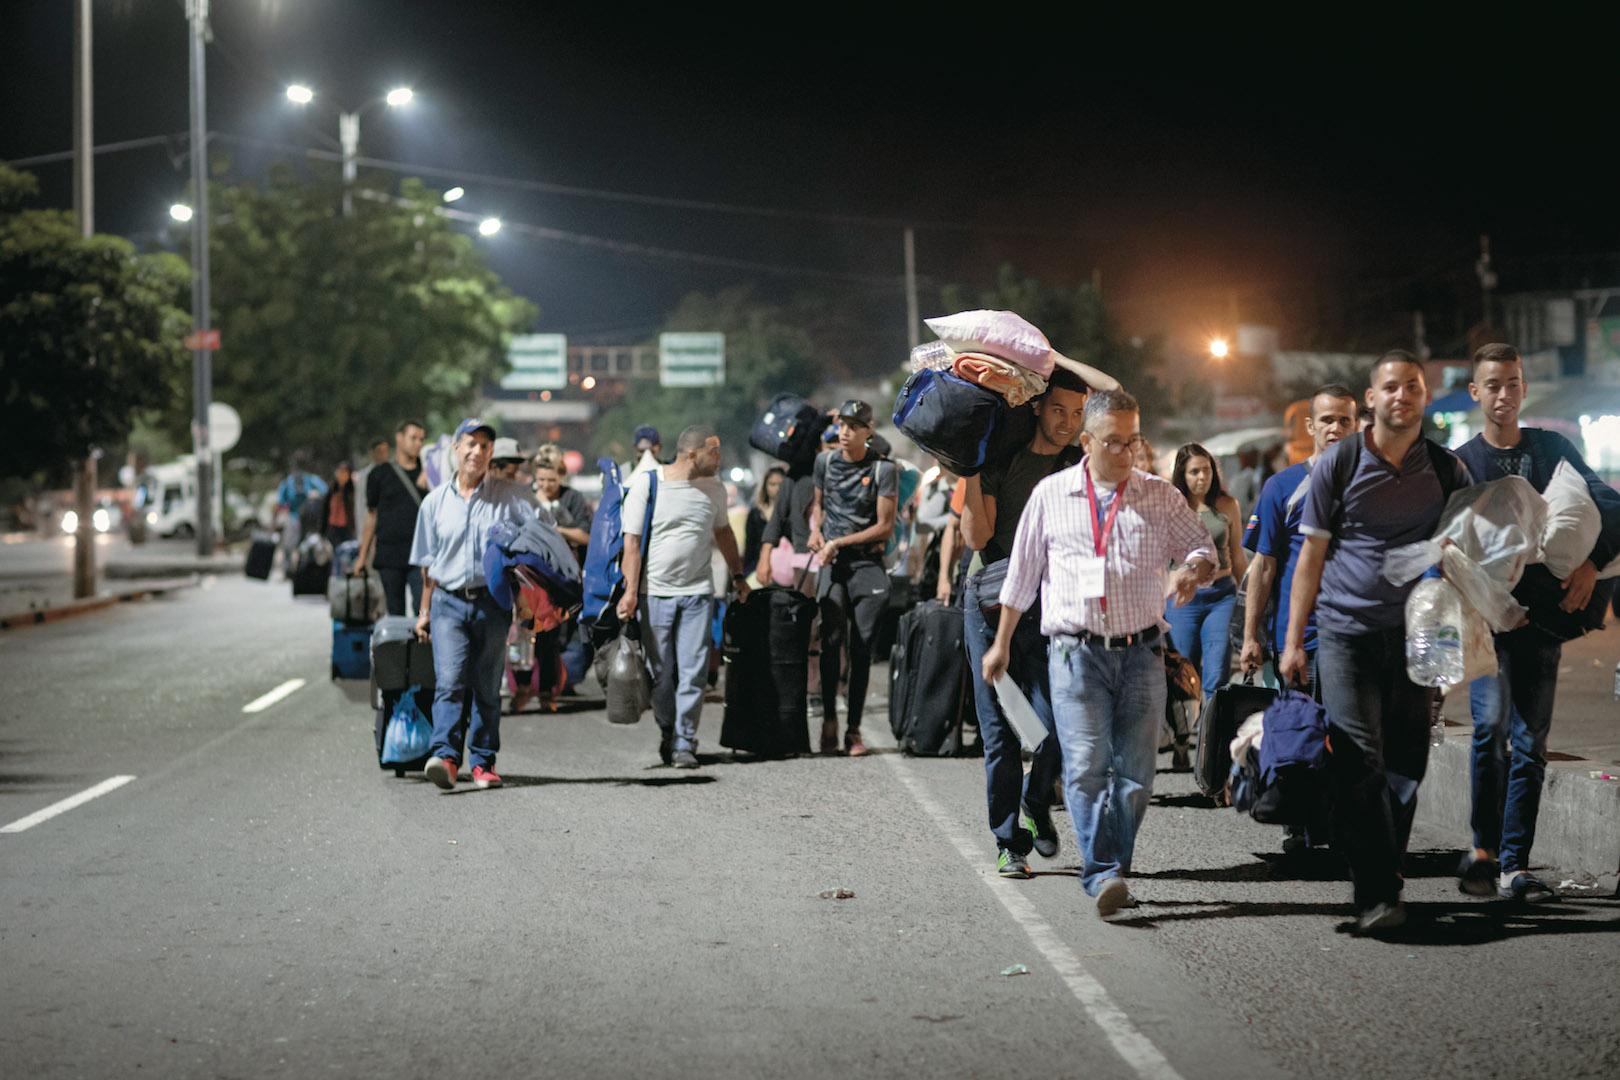 Según el canciller, faltan más de 200 millones de dólares para atender la migración